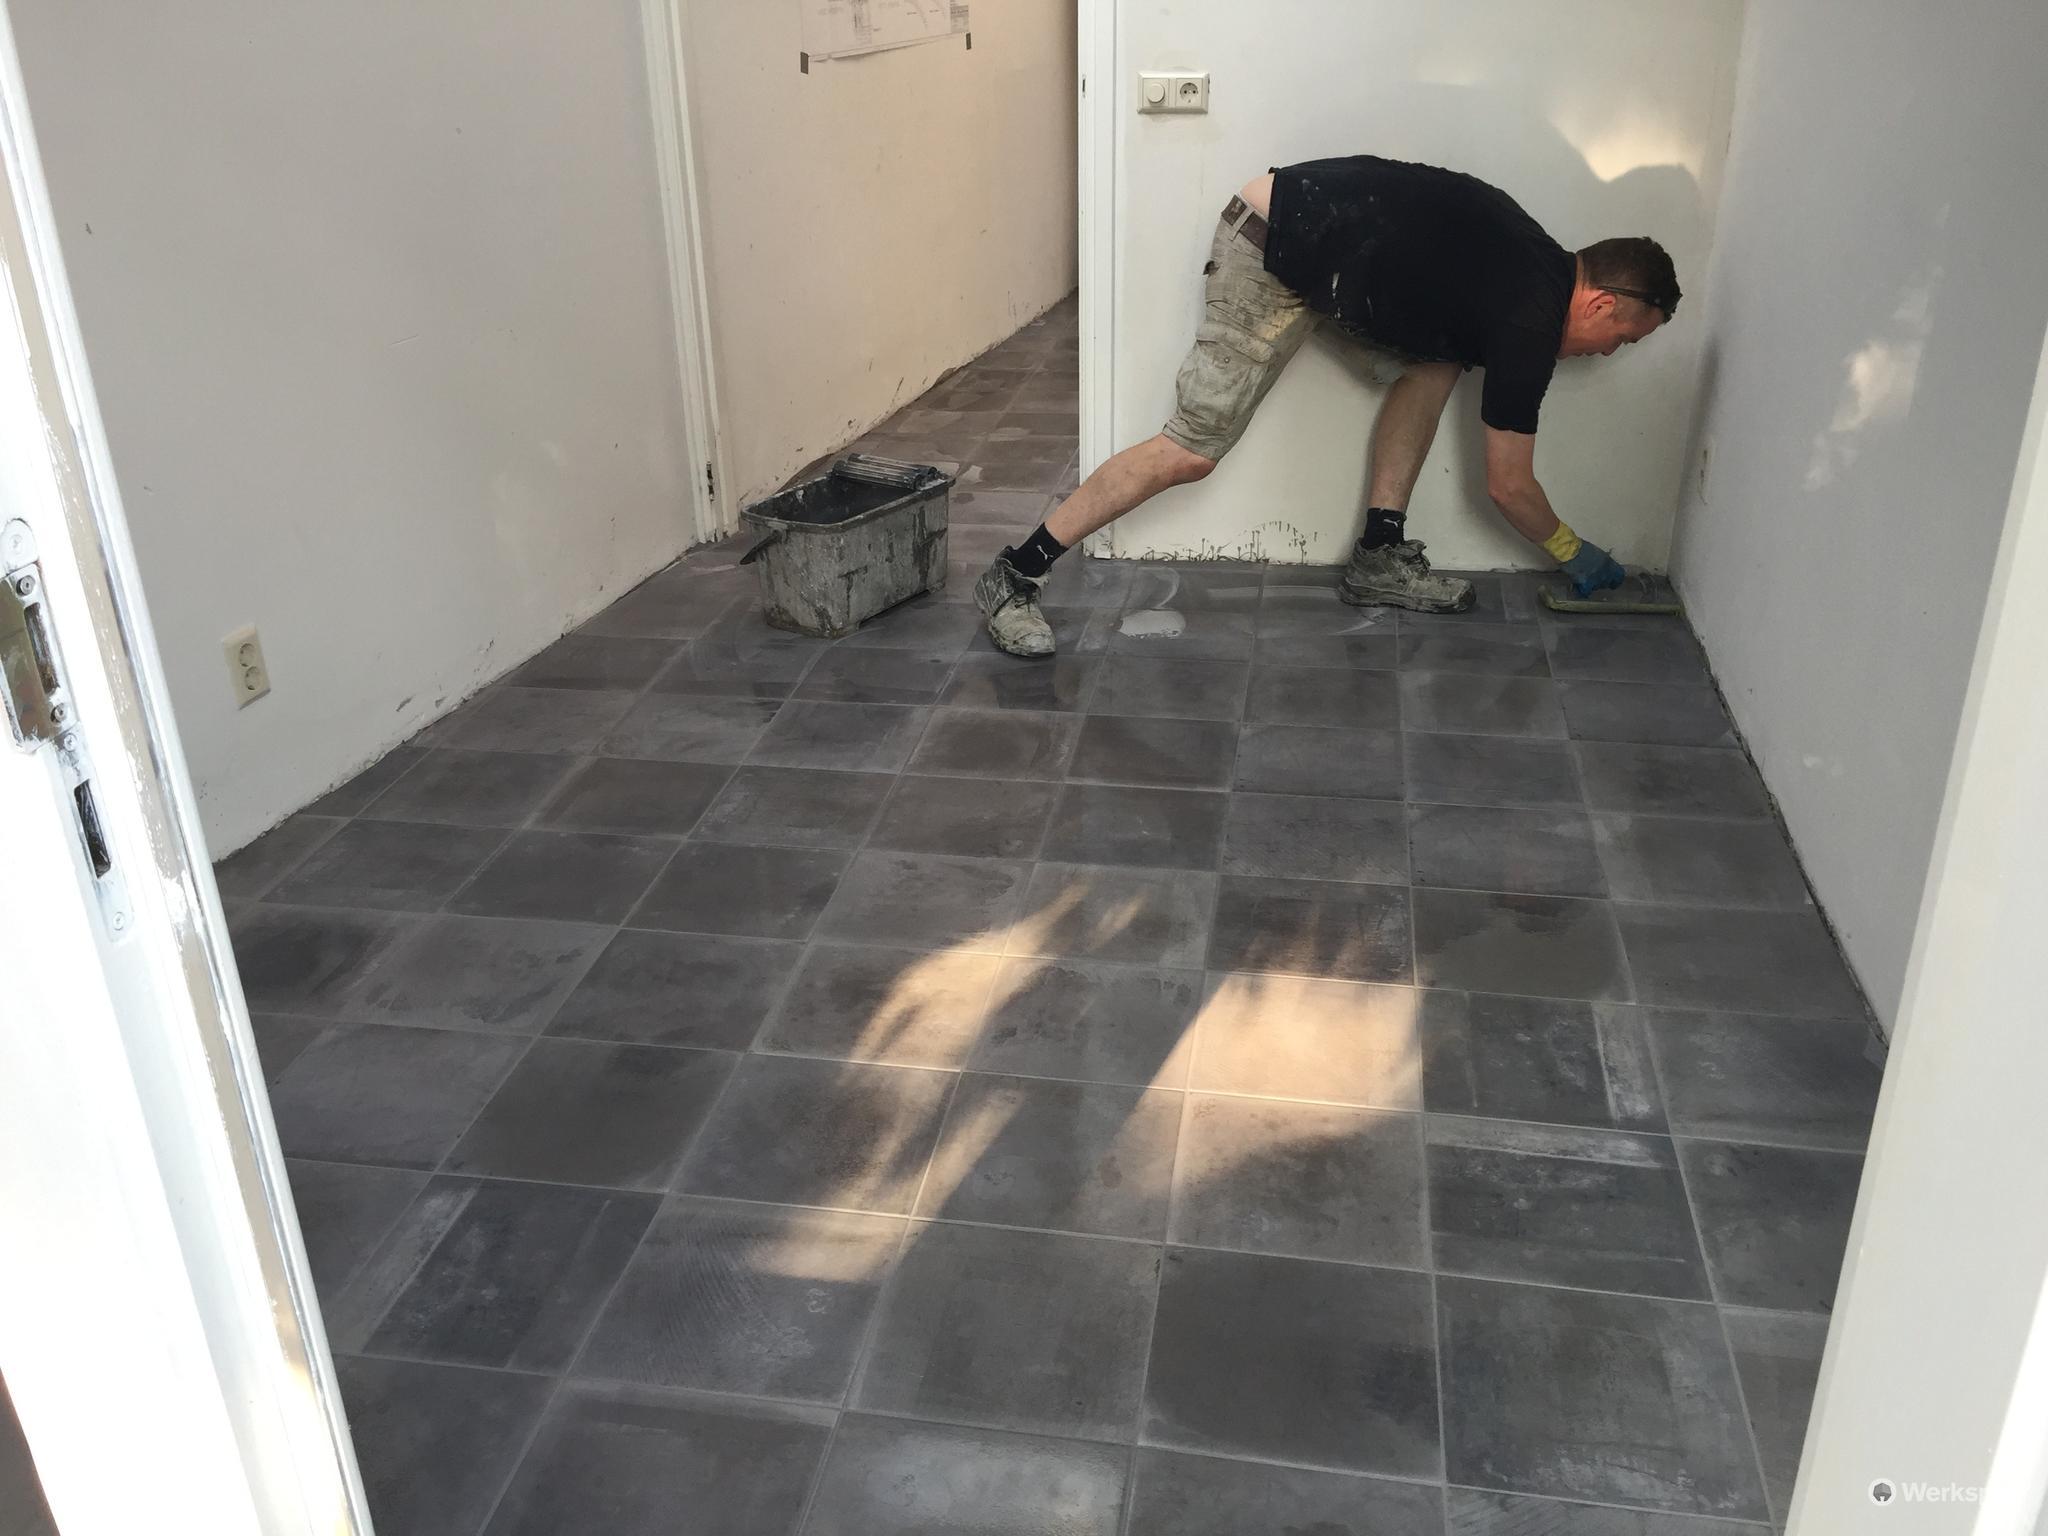 tegels leggen en betonvloer egaliseren werkspot